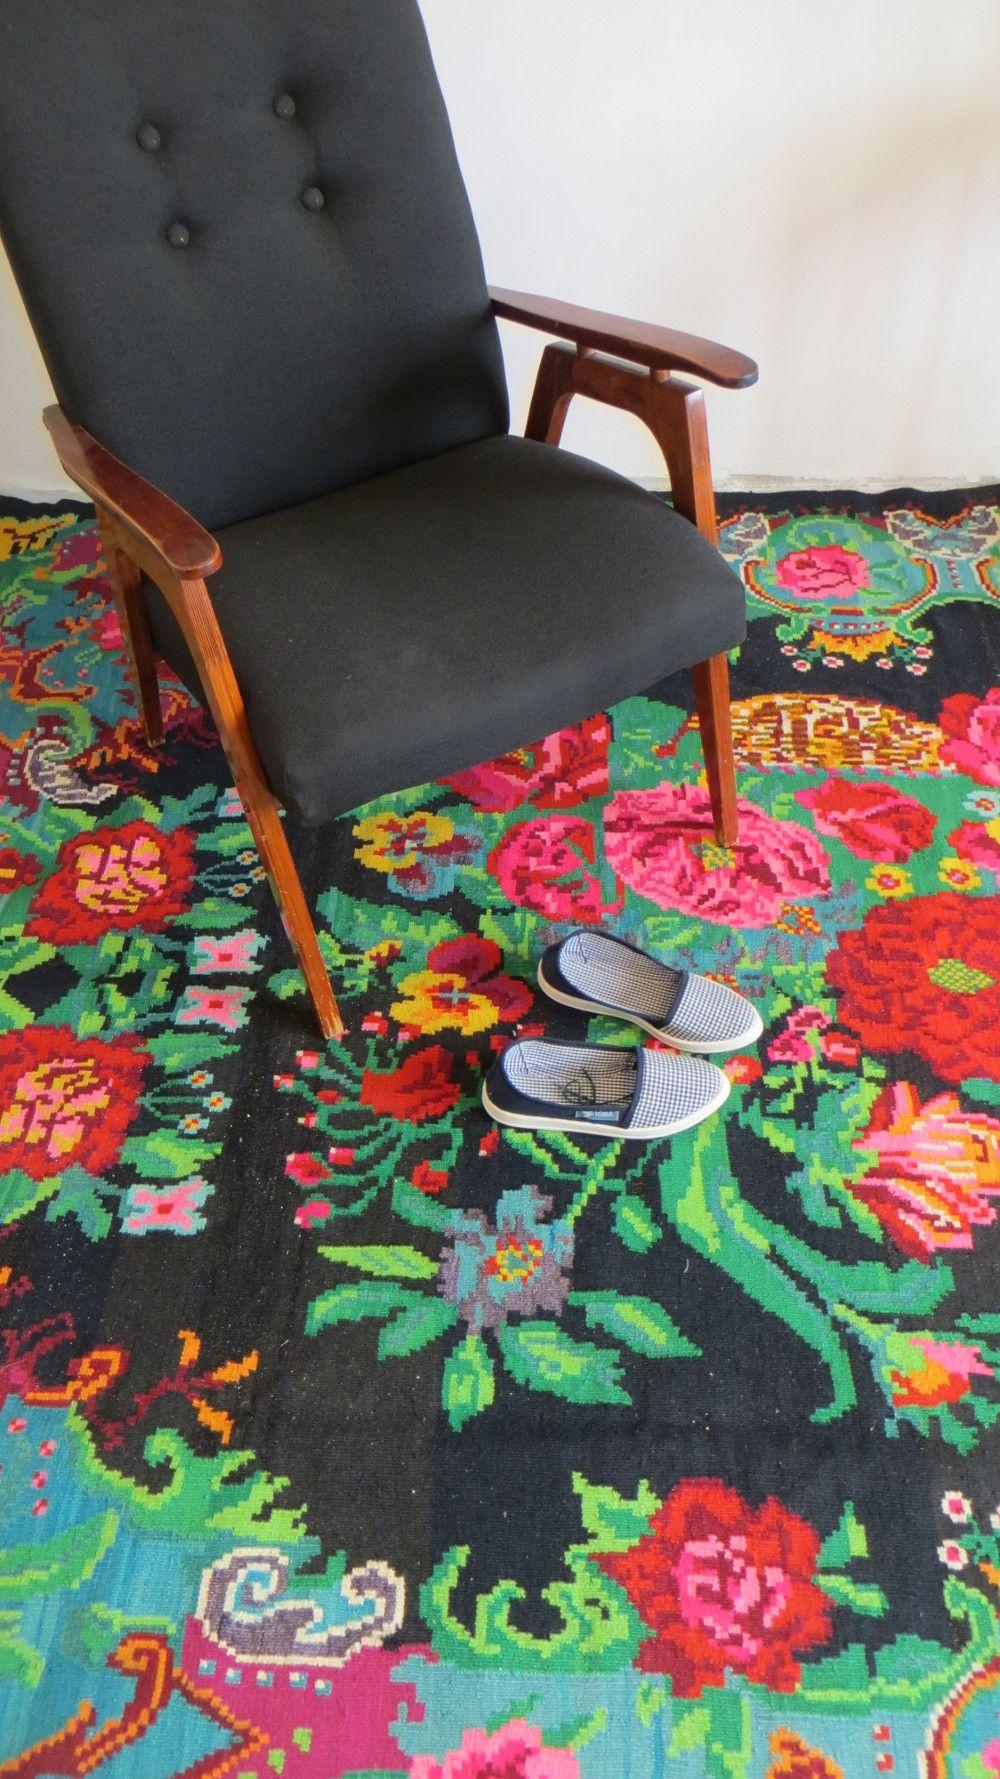 alfombras pequeas alfombras grandes baratas alfombras para nias alfombras salon baratas alfombras comedor alfombras patchwork alfombra